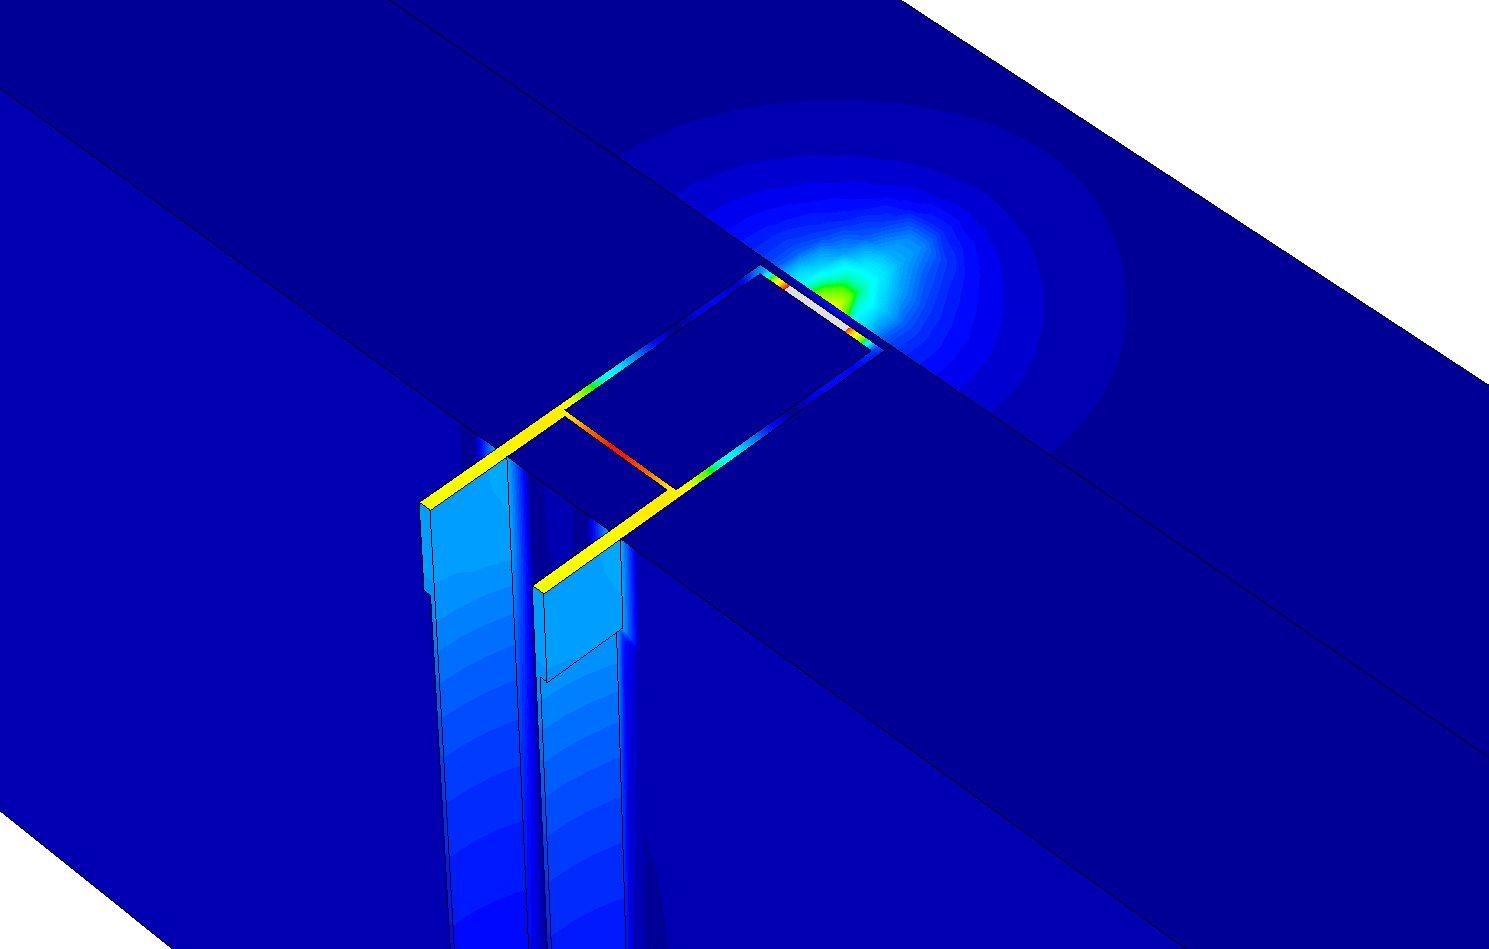 3D-warmtestroommodel (flux) voor bepaling invloed metalen doorbreking in isolatielaag op Rc-waarde.